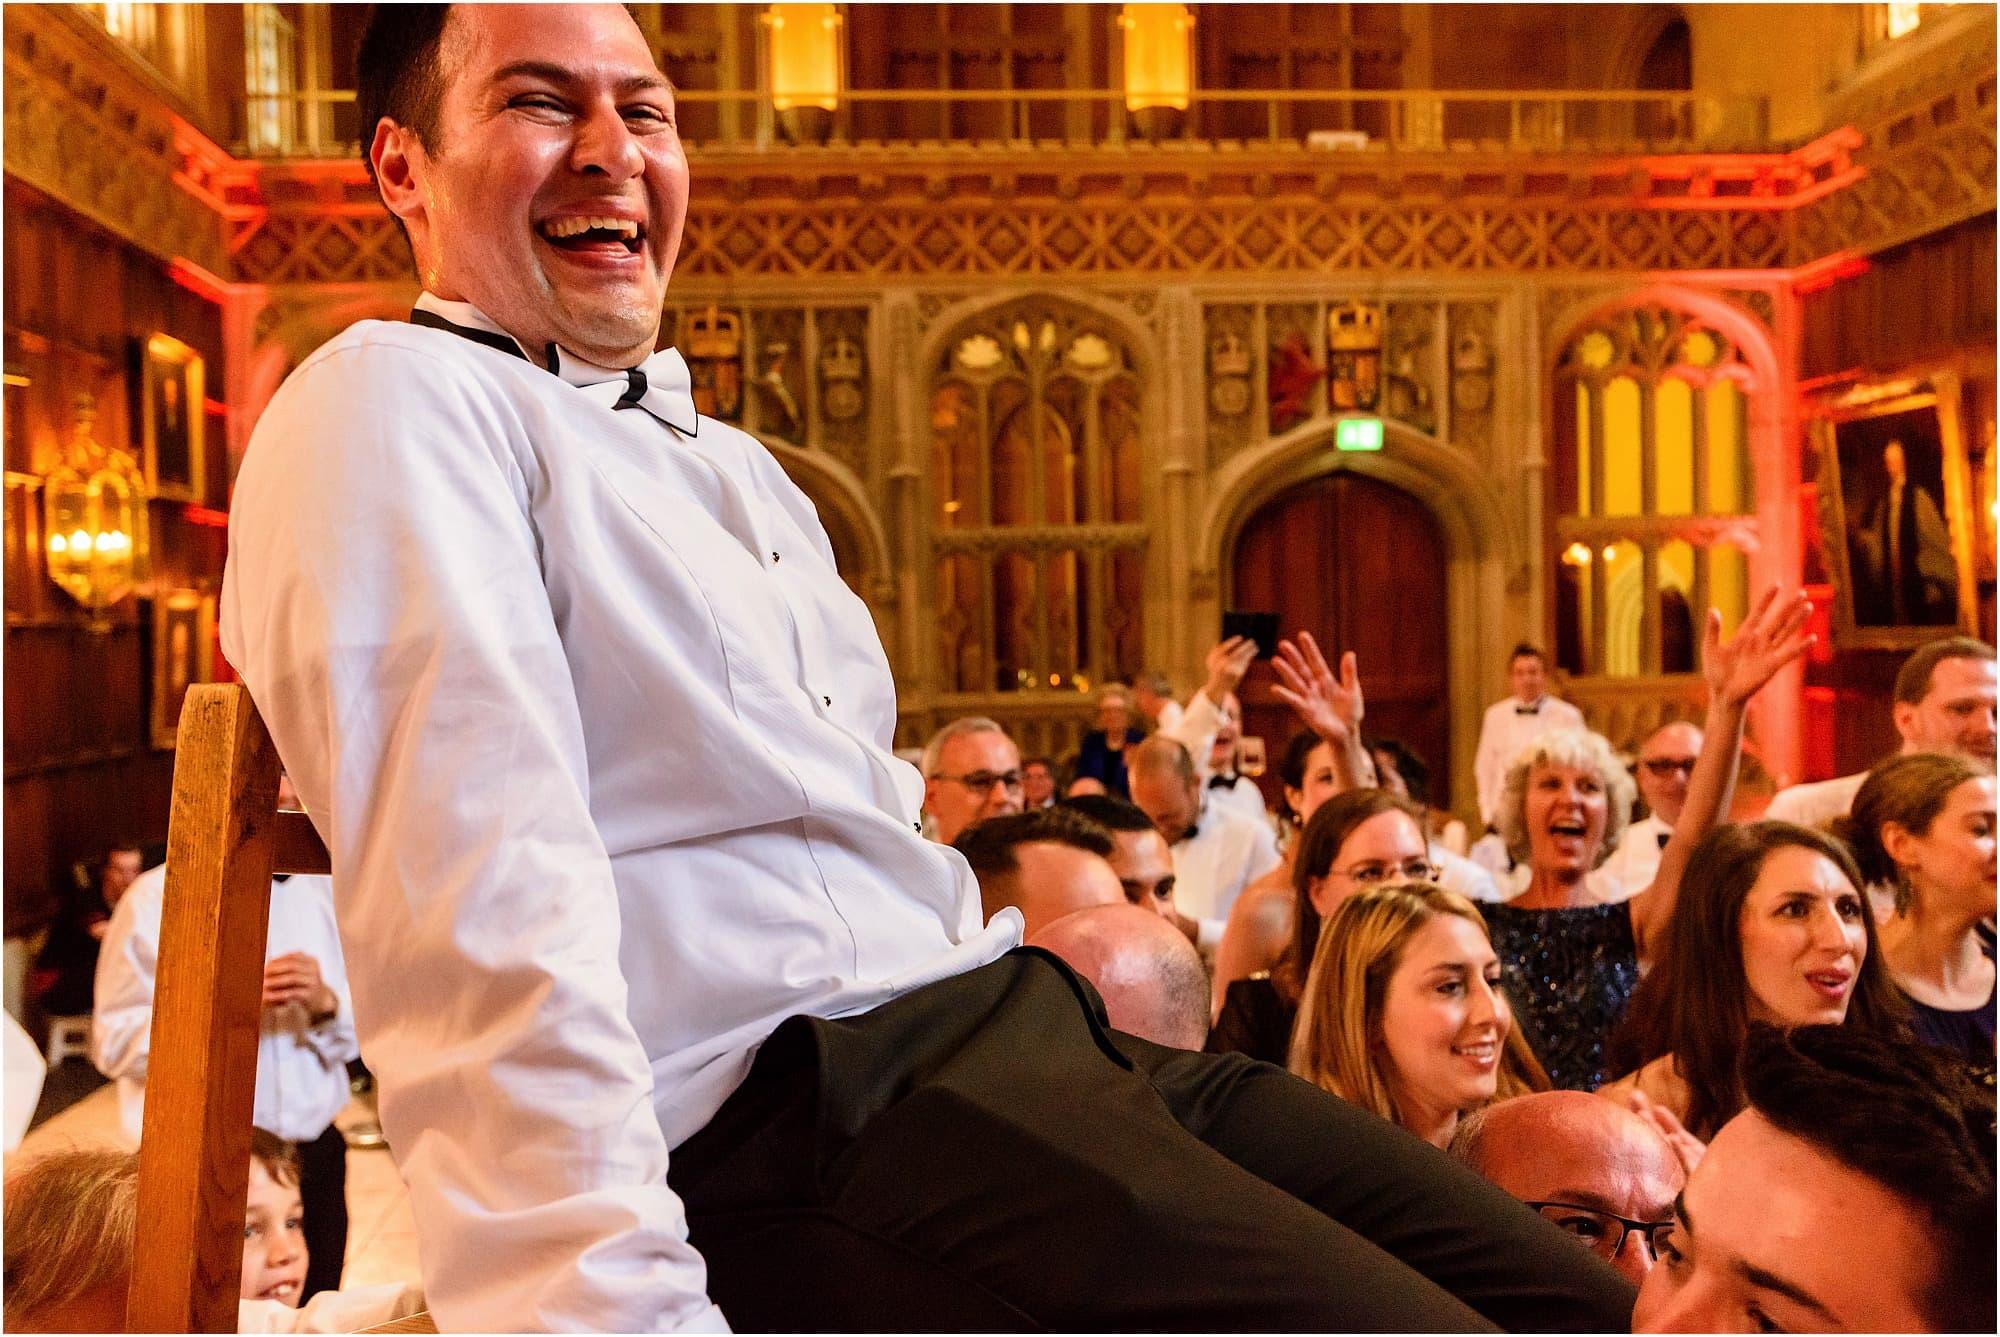 Israeli dancing groom lifted up